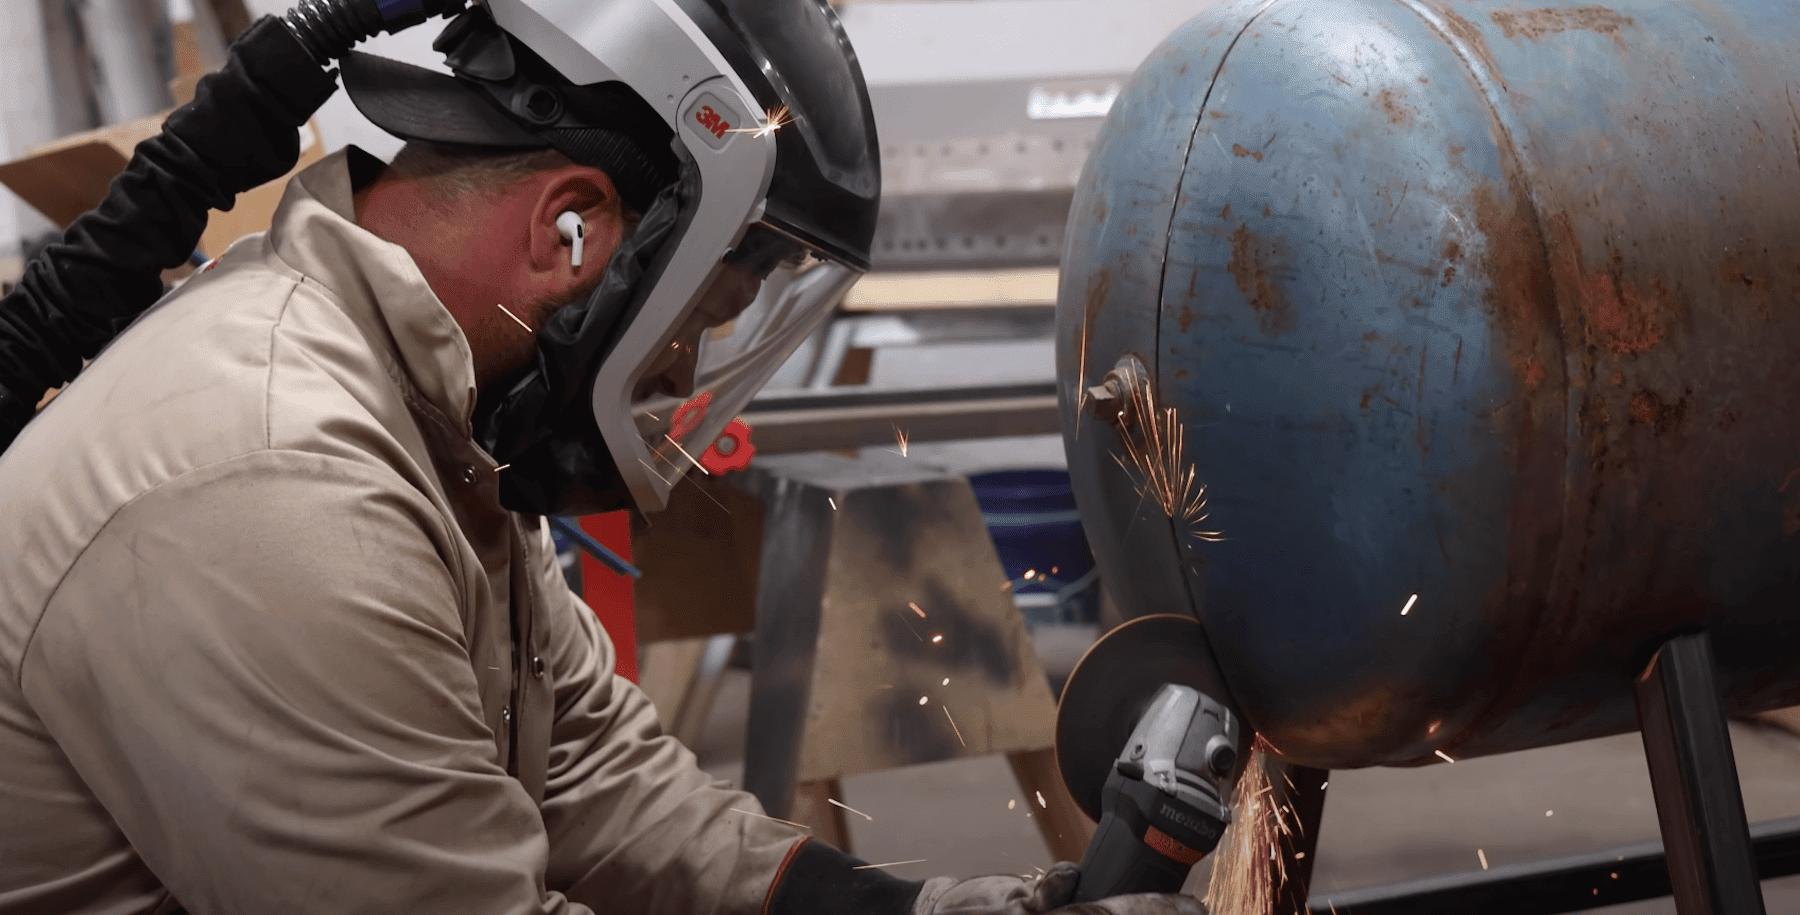 John Malecki working on smoker build